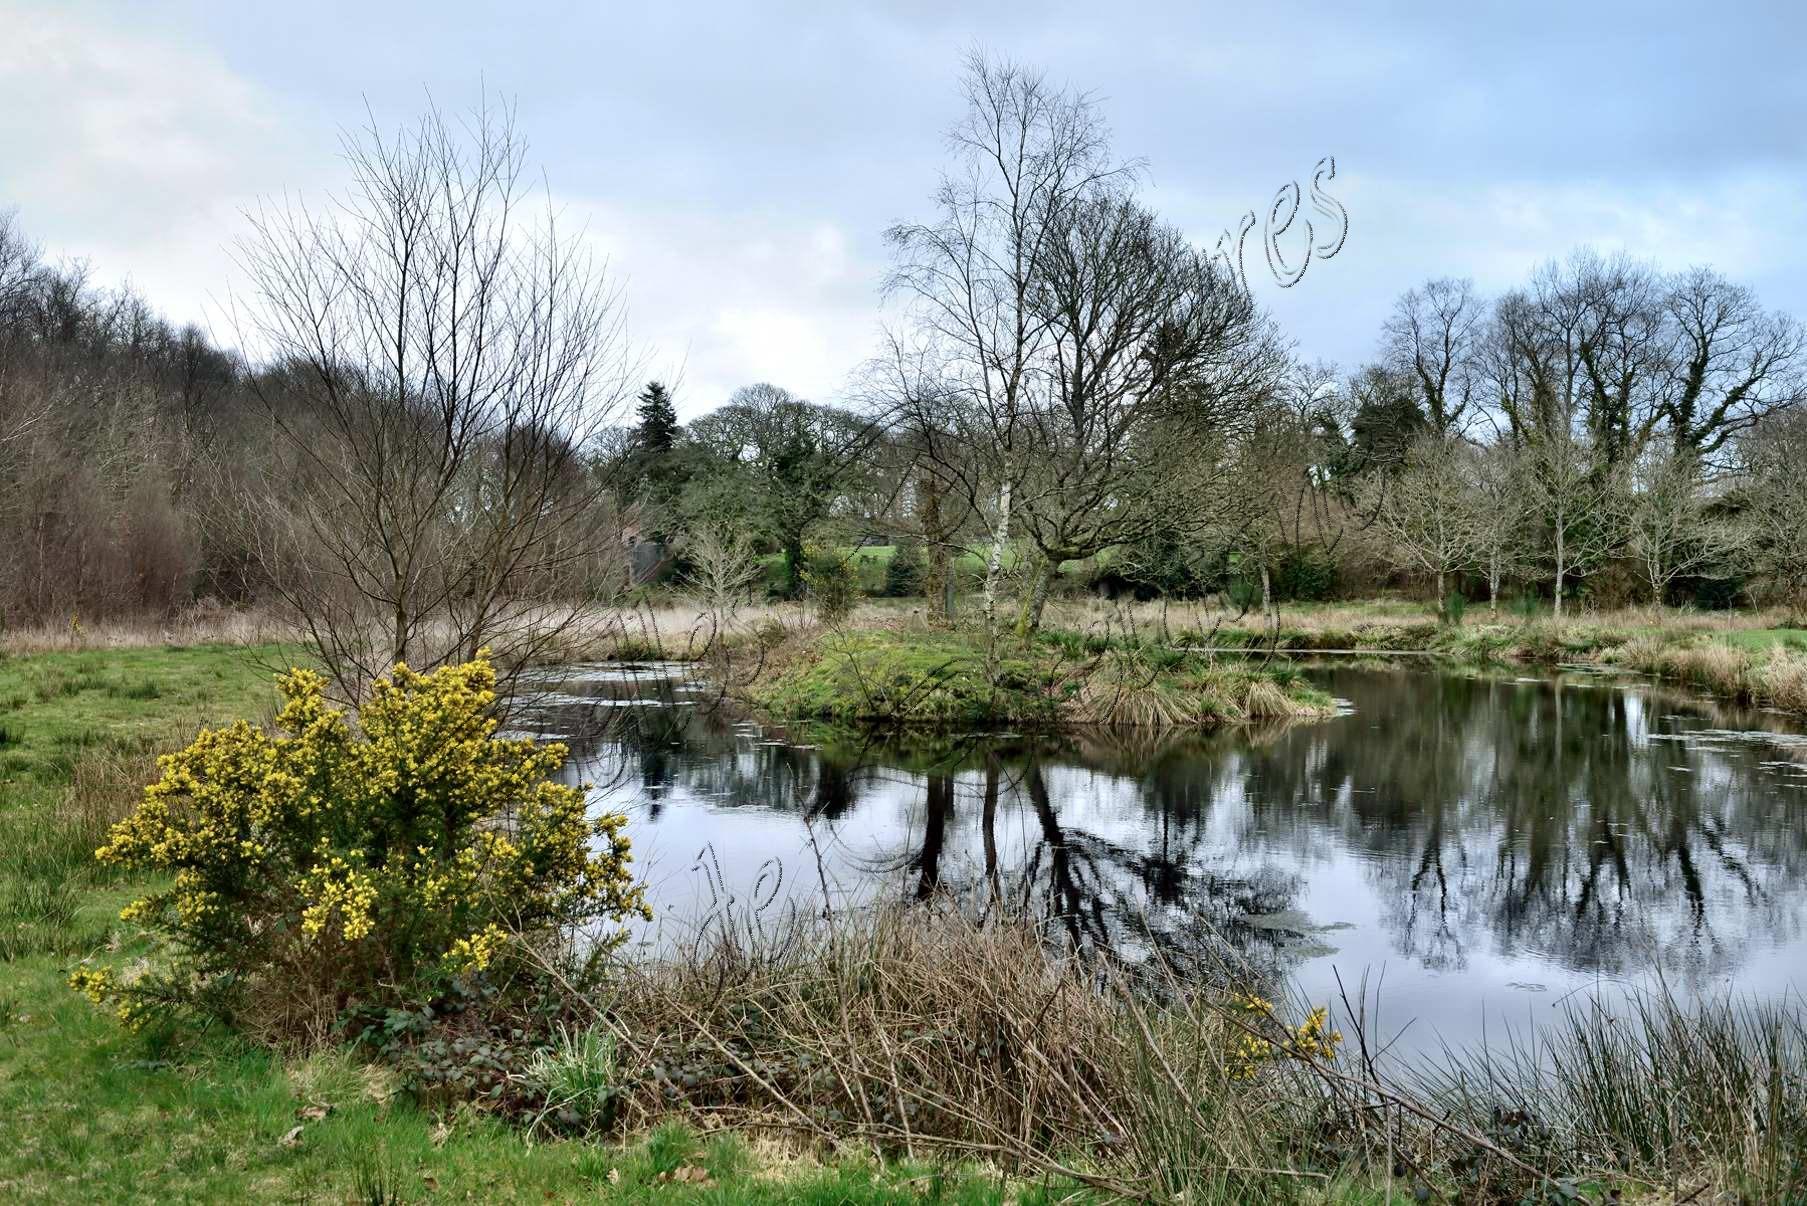 Te koop molen en boerderij op 6 ha met vijver en rivier for Luchtpomp vijver te koop